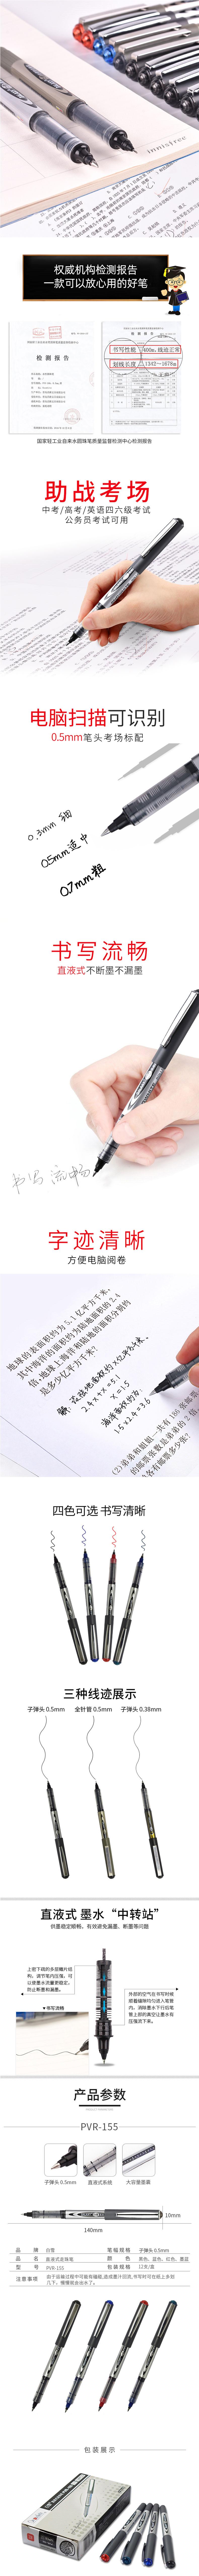 白雪 0.5MM 蓝色直液式走珠笔学生考试中性笔签字笔水笔12支/盒